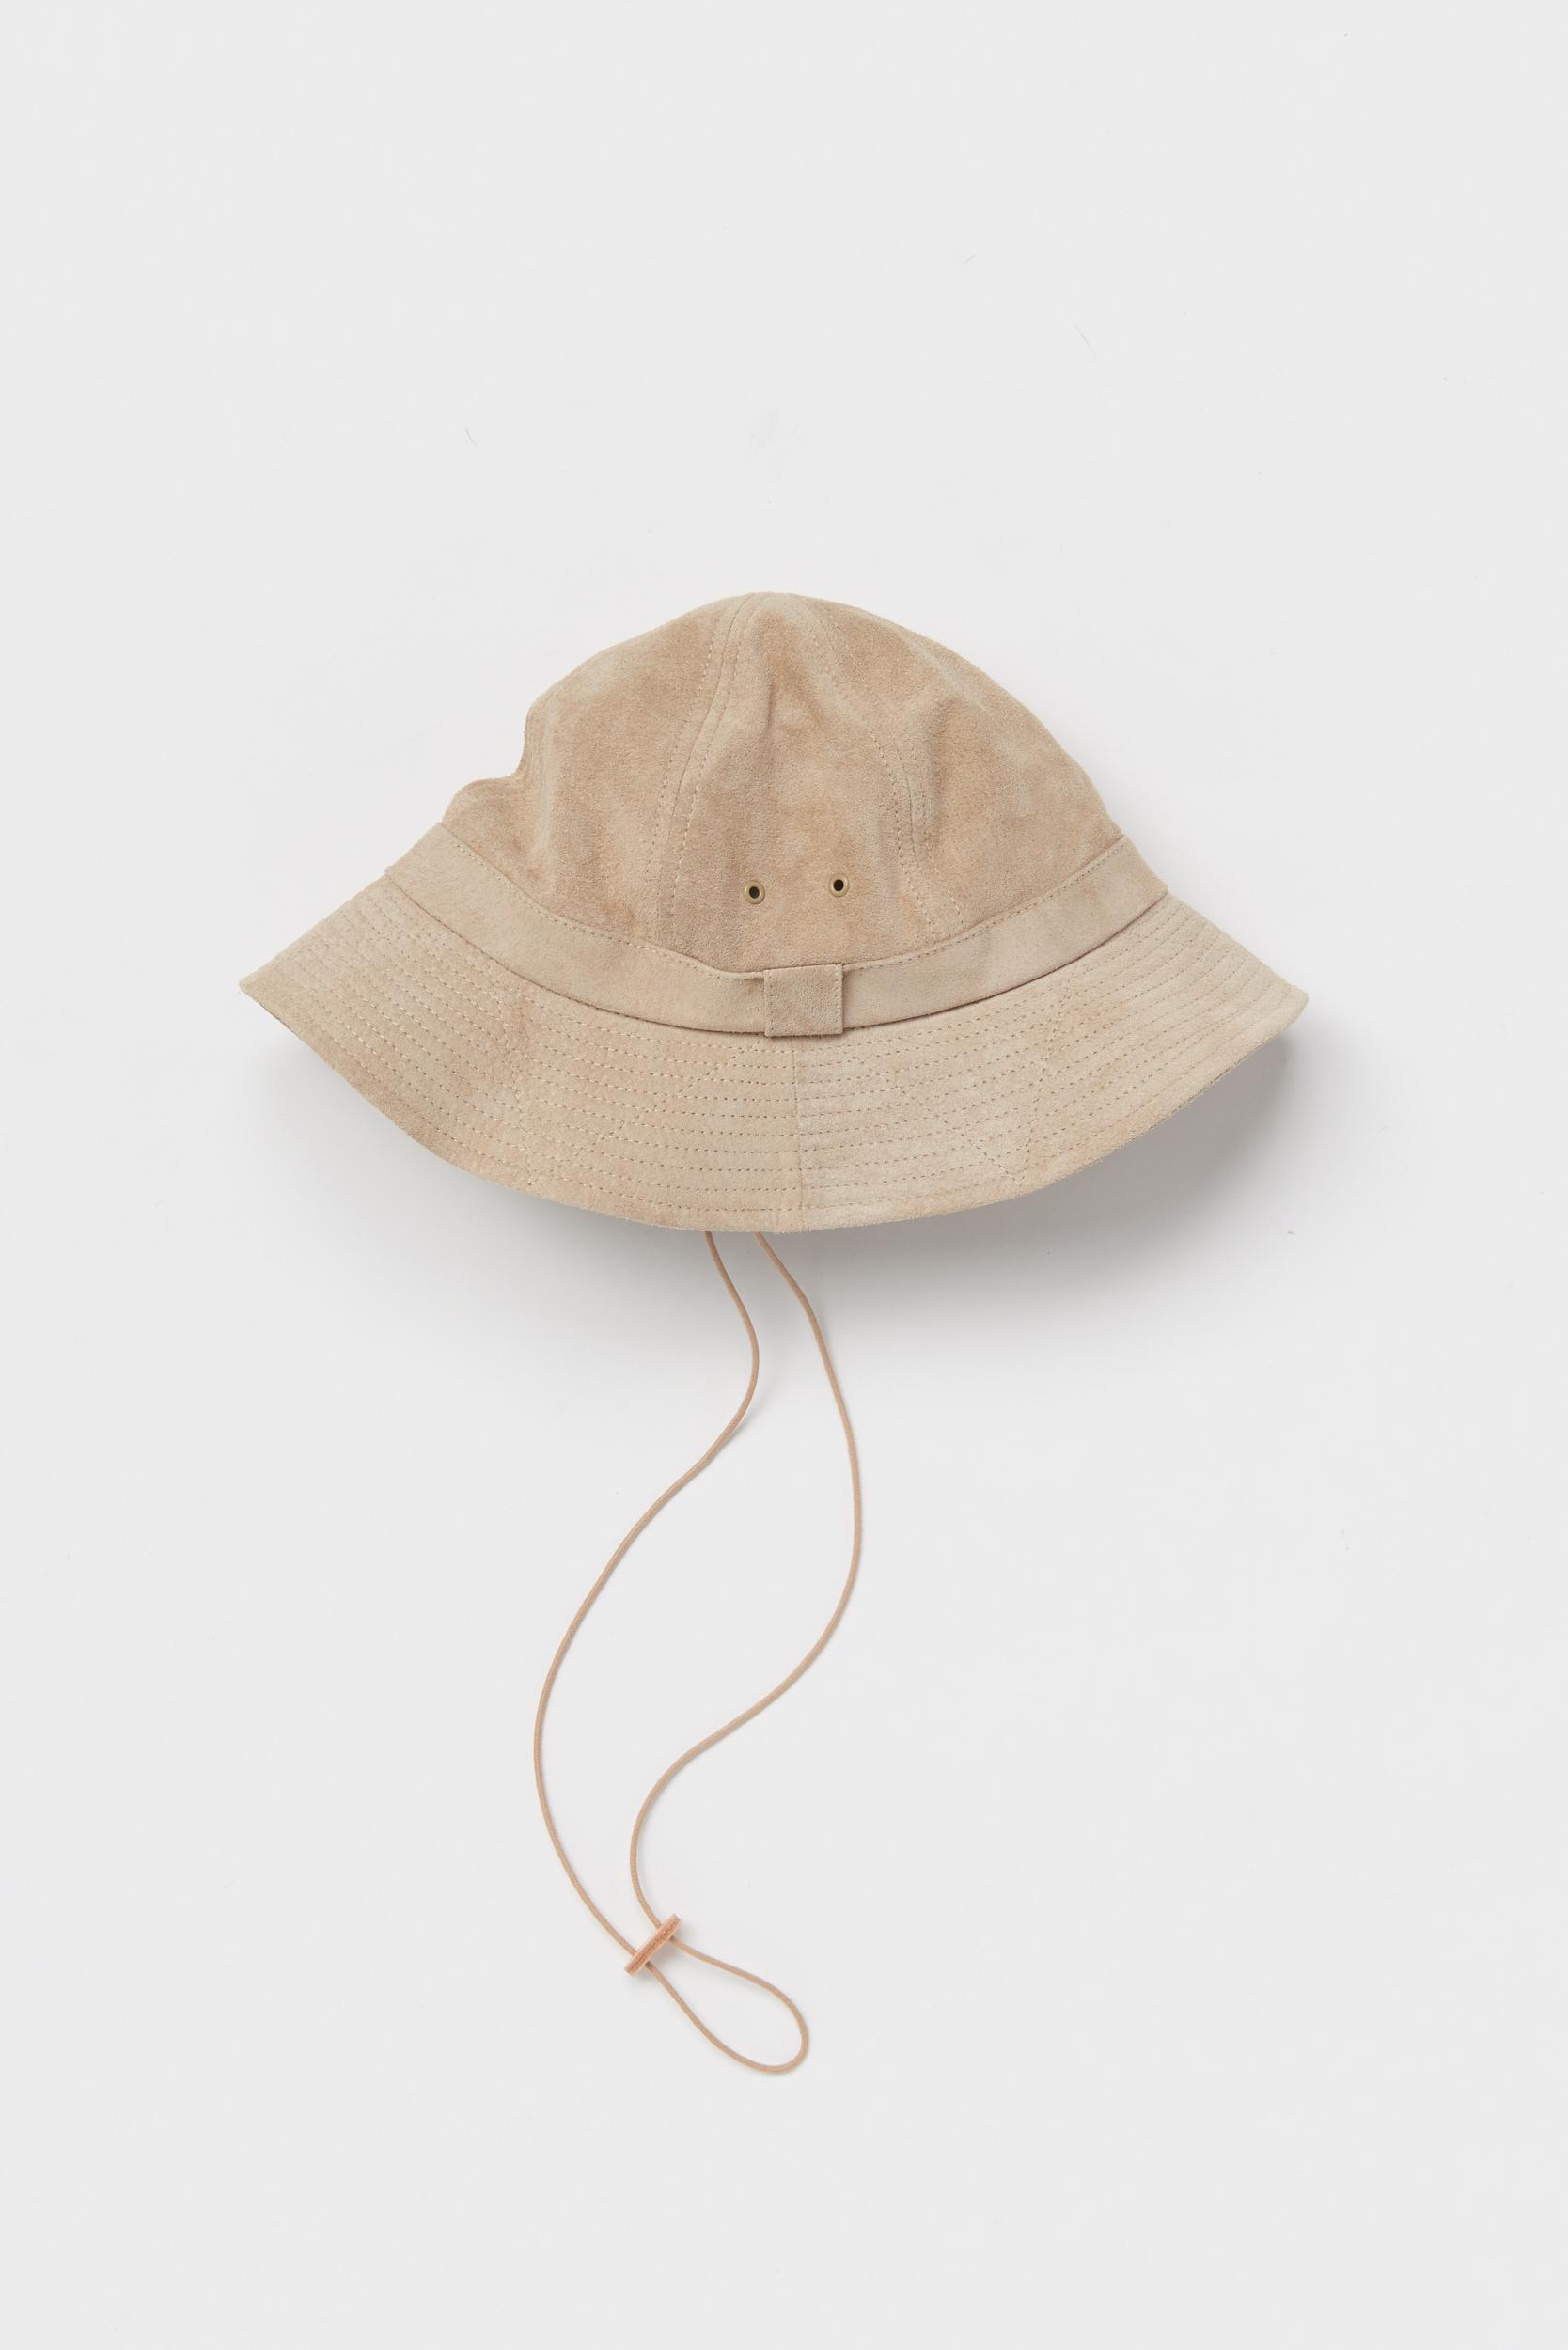 Hender Scheme 「 field hat / sand beige」